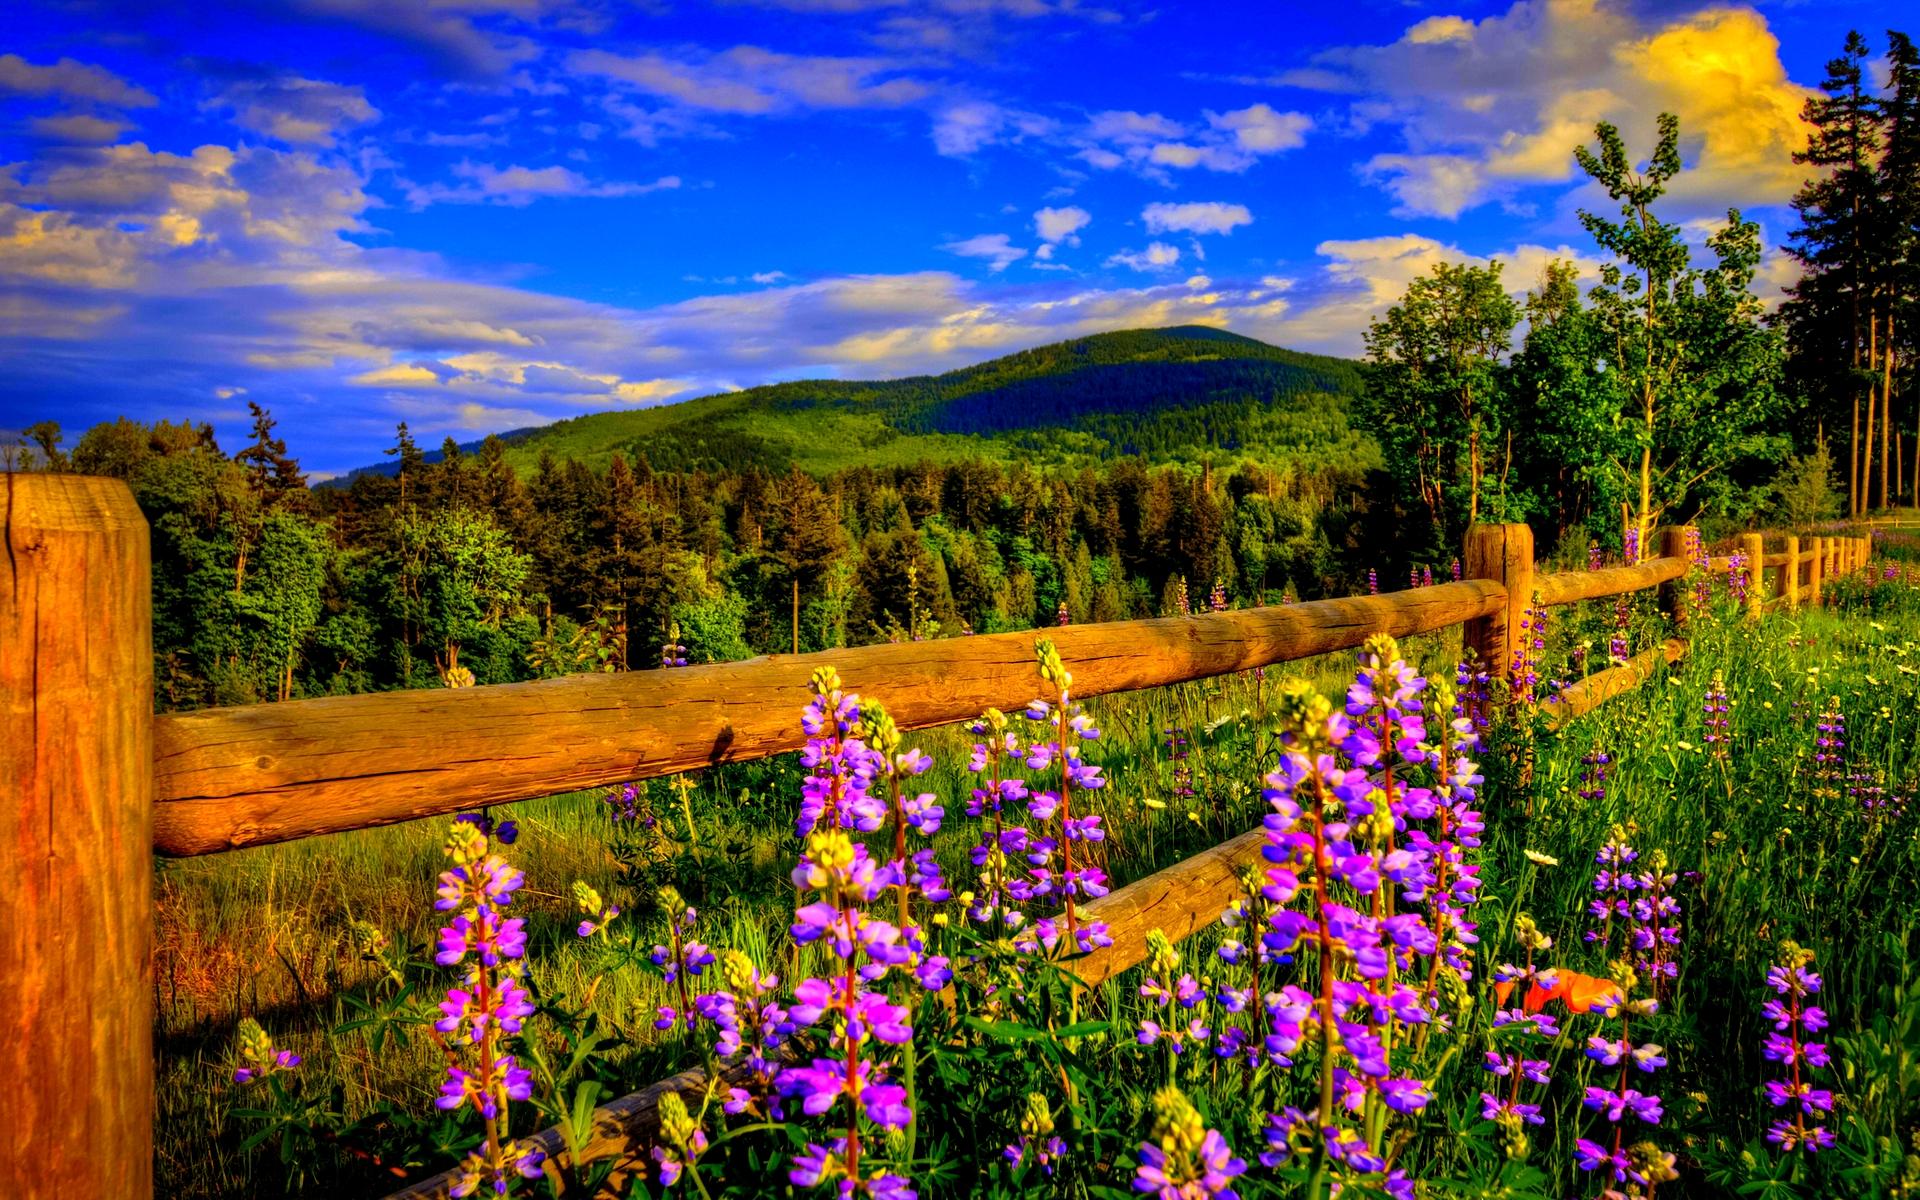 Springtime Landscape Wallpaper 1366 X 768 | Unique Landscape